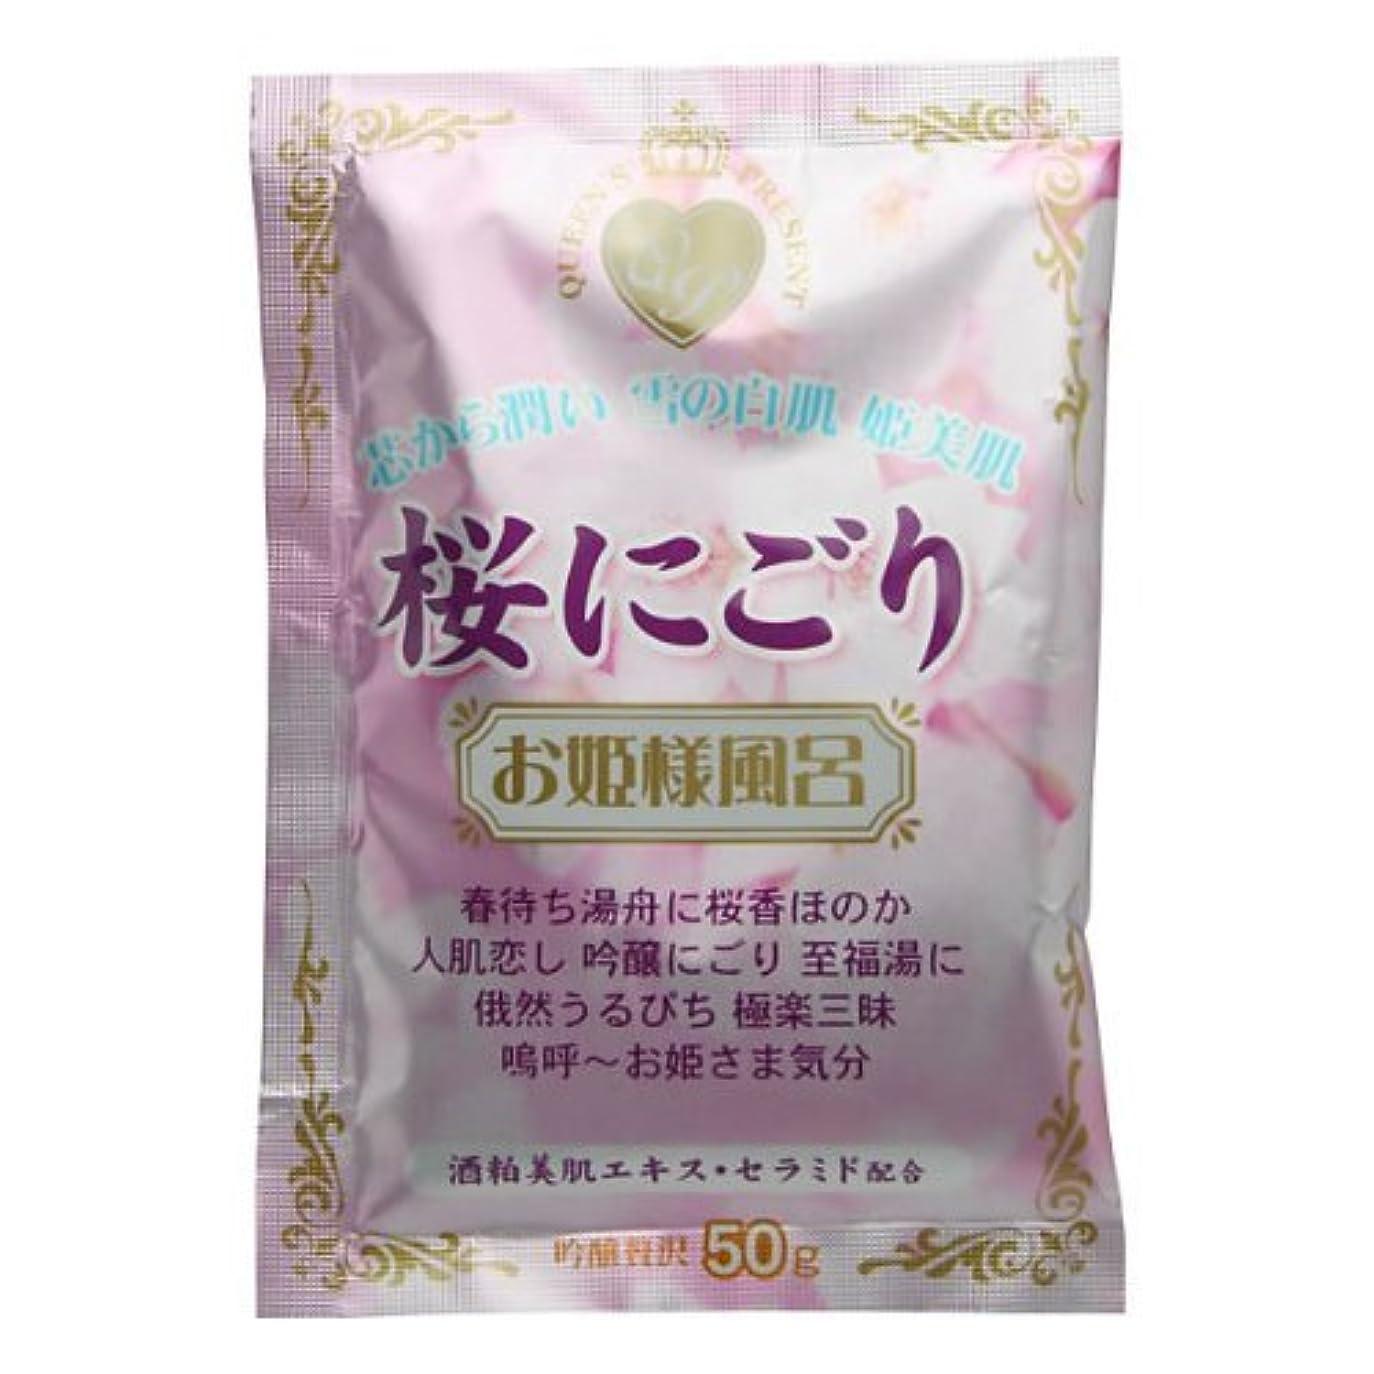 ボイコット食欲ゆり紀陽除虫菊 お姫様風呂  桜にごり【まとめ買い12個セット】 N-8179